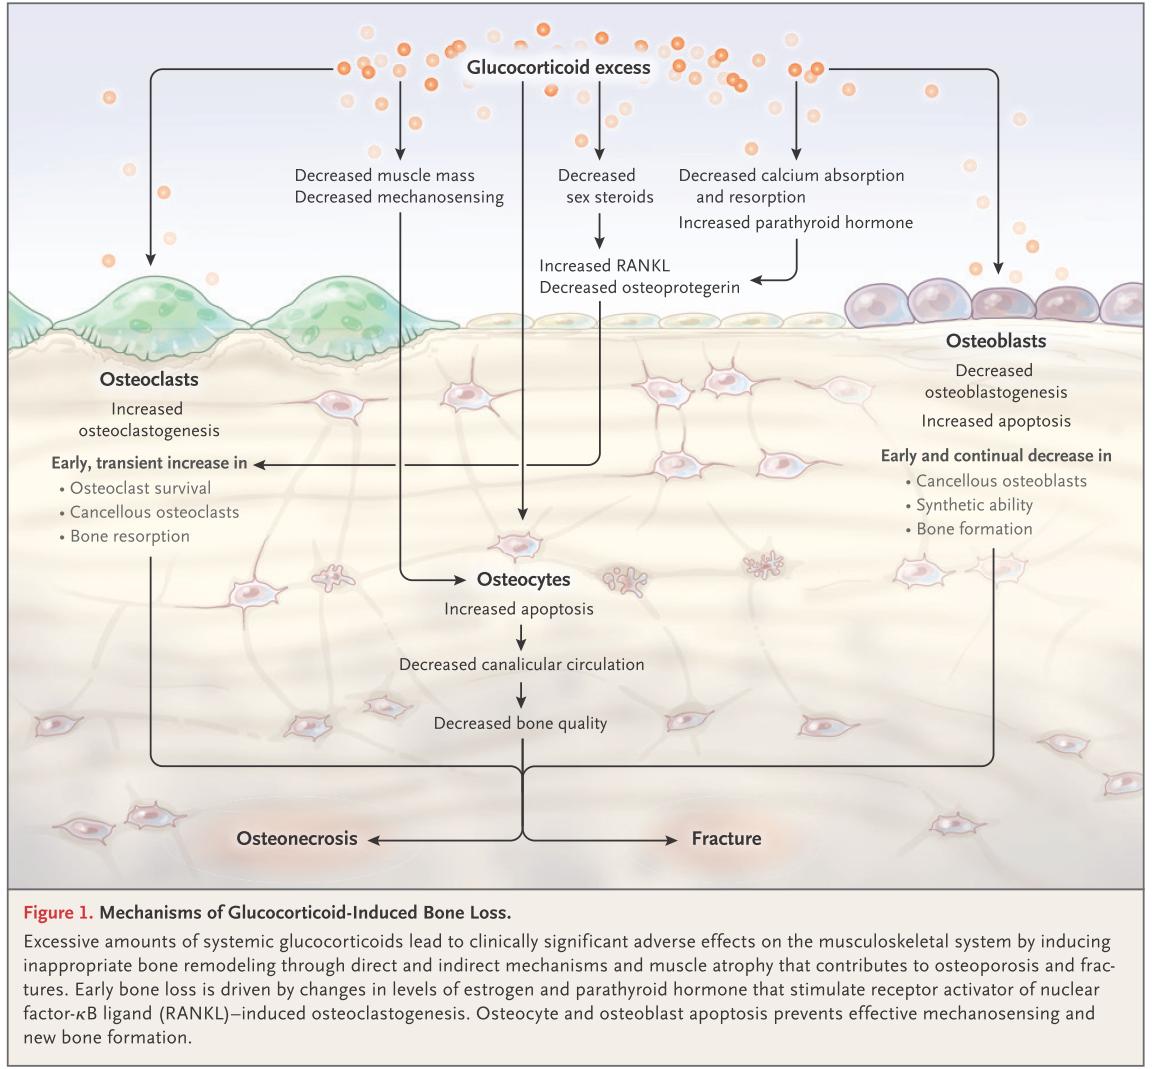 ステロイド骨粗鬆症 Glucocorticoid-induced osteoporosis